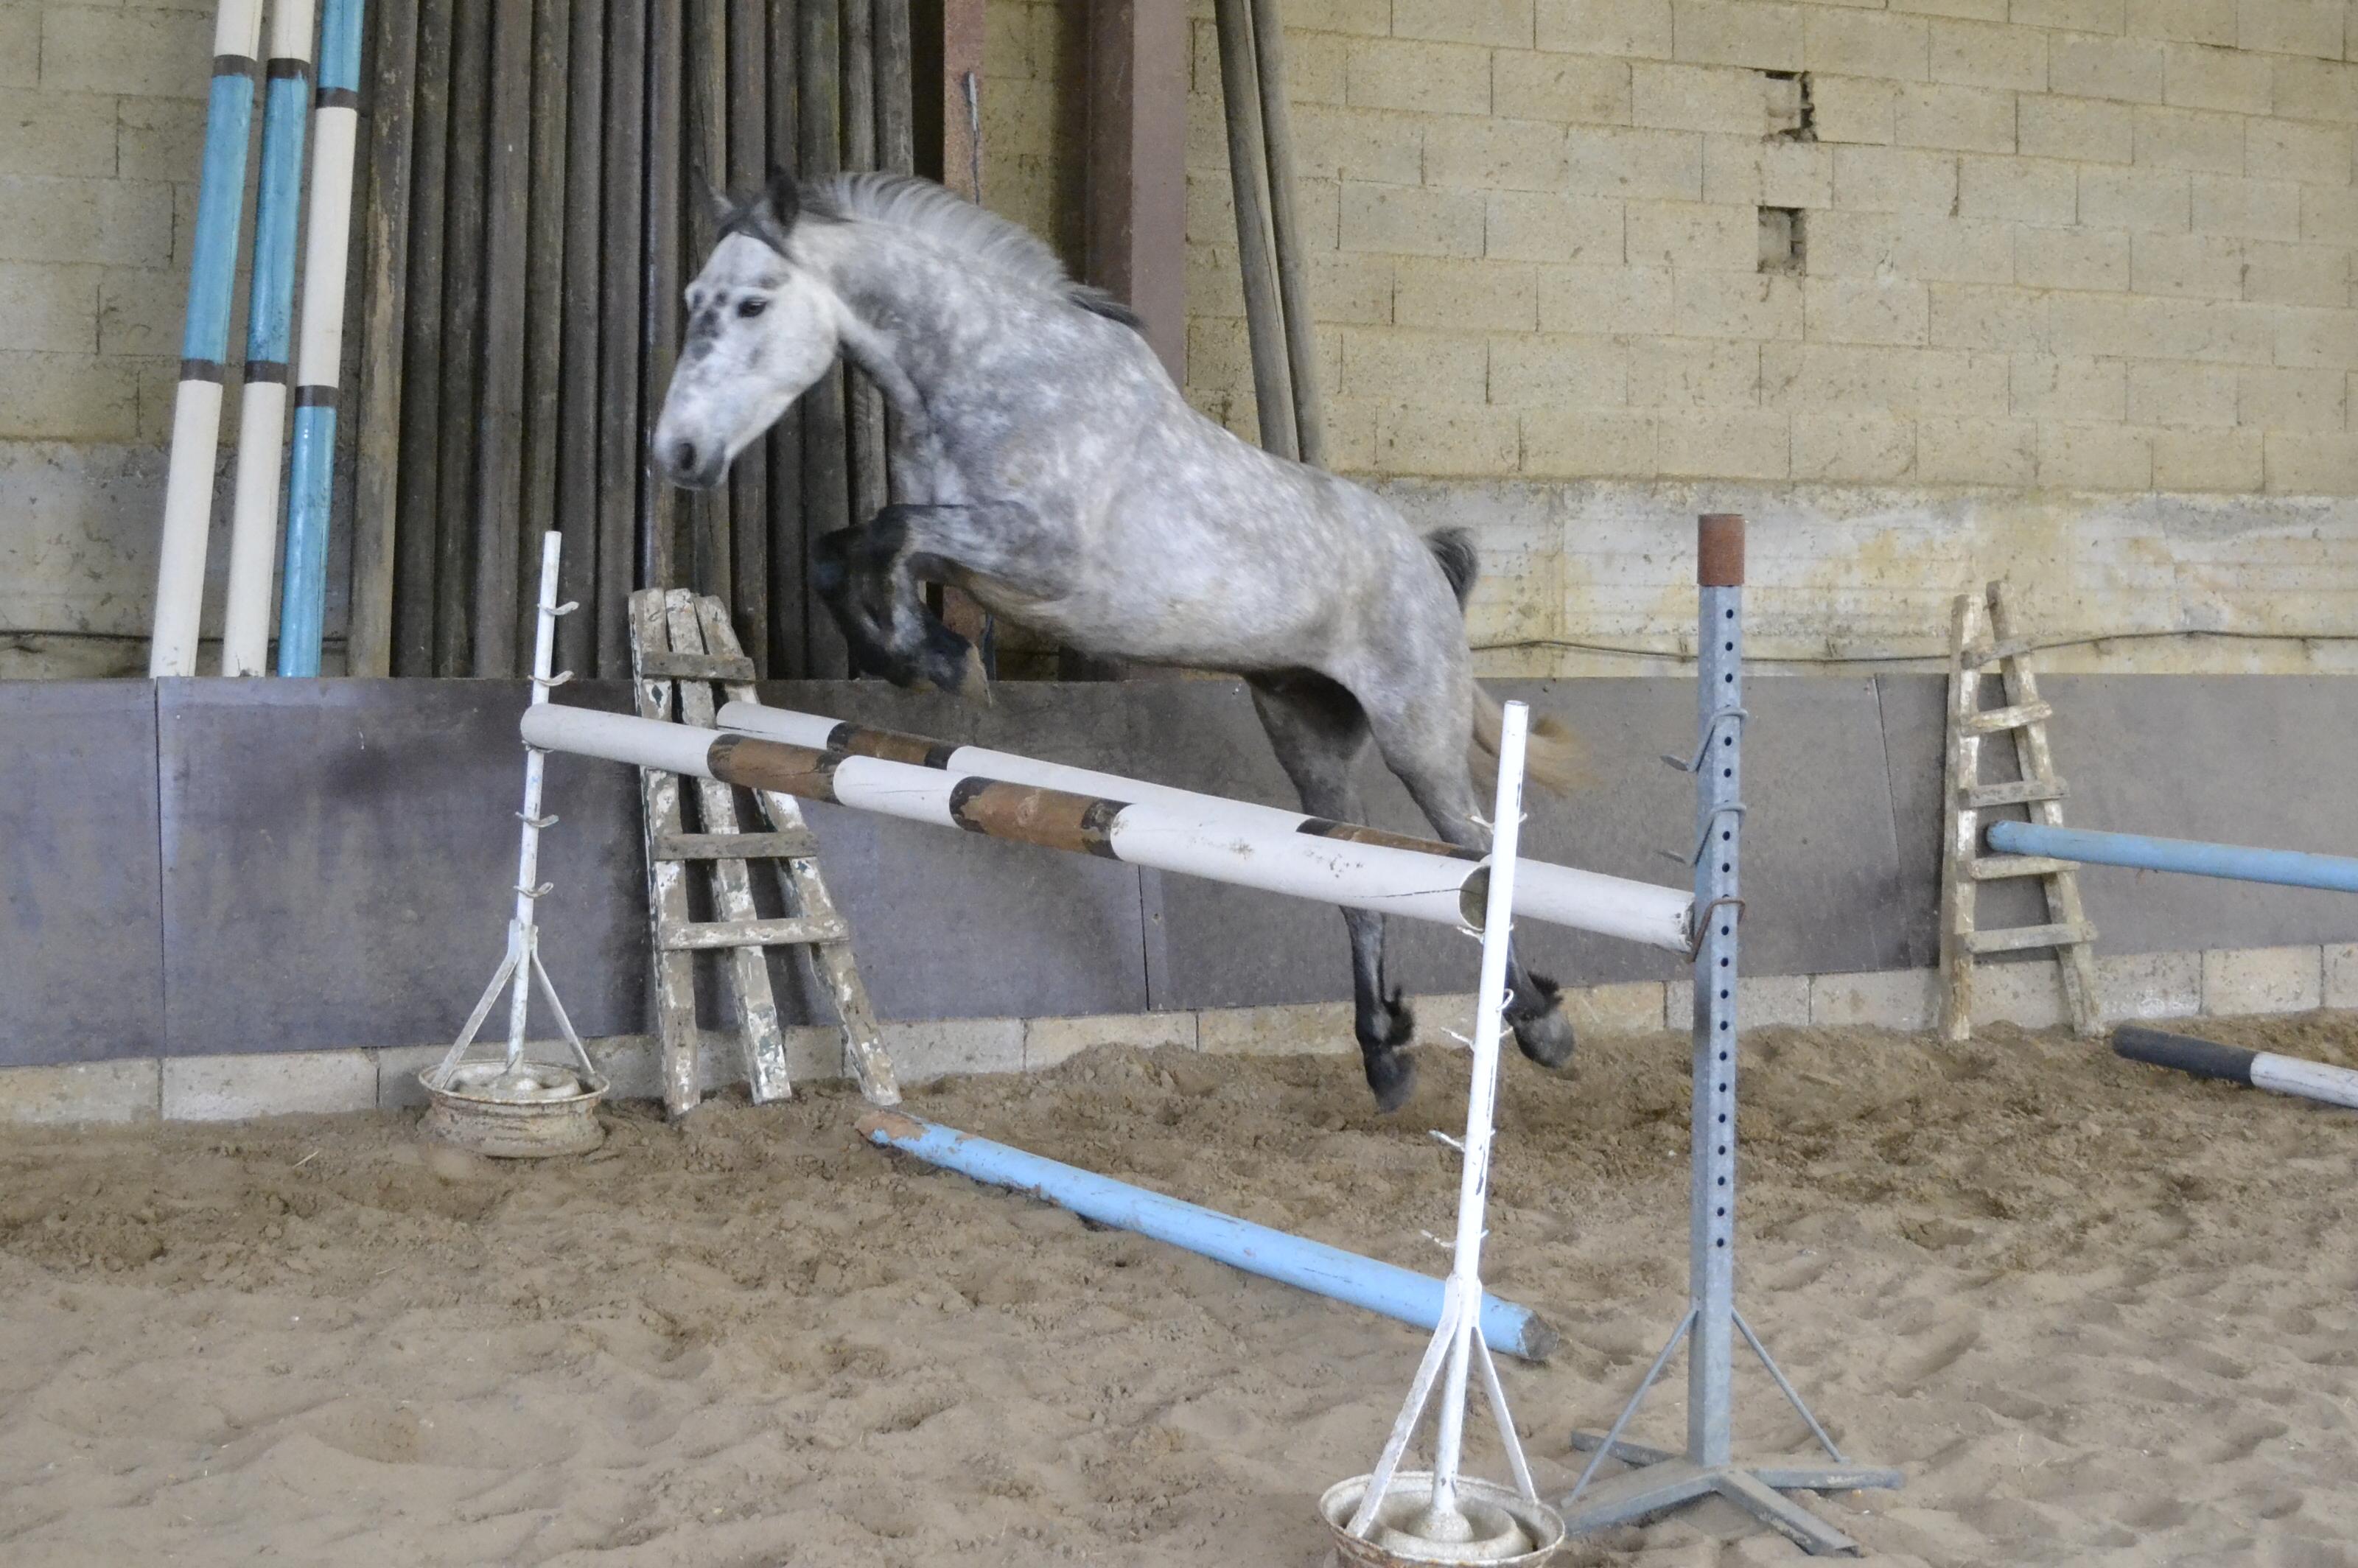 Les_Petites_Écuries_actualité_concours_poney_équitation_galluis_78_11